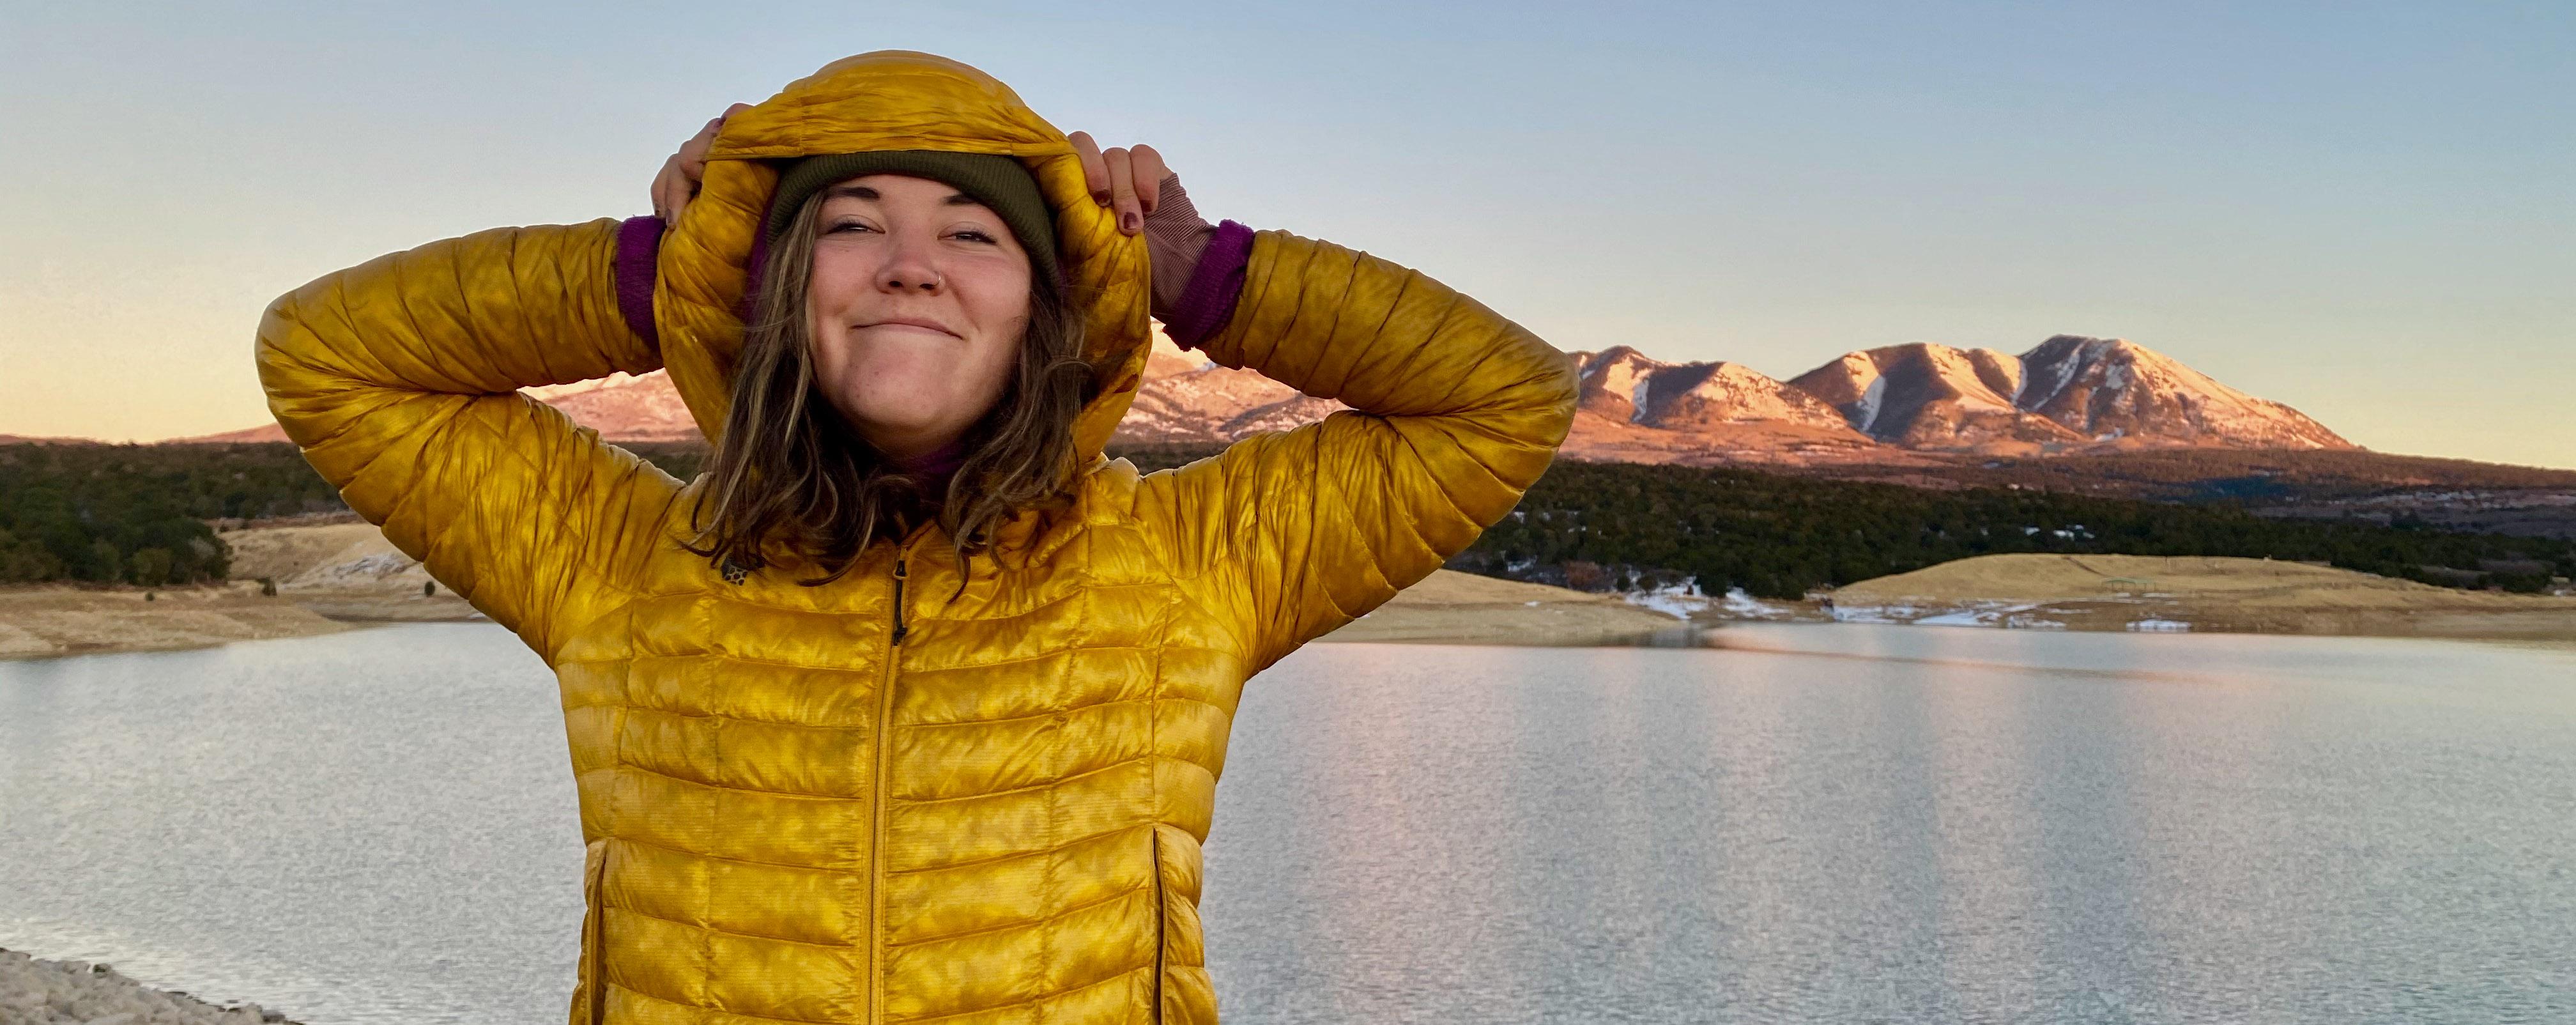 mountainhardwear-ghost-whisperer-review-dirtbagdreams.com